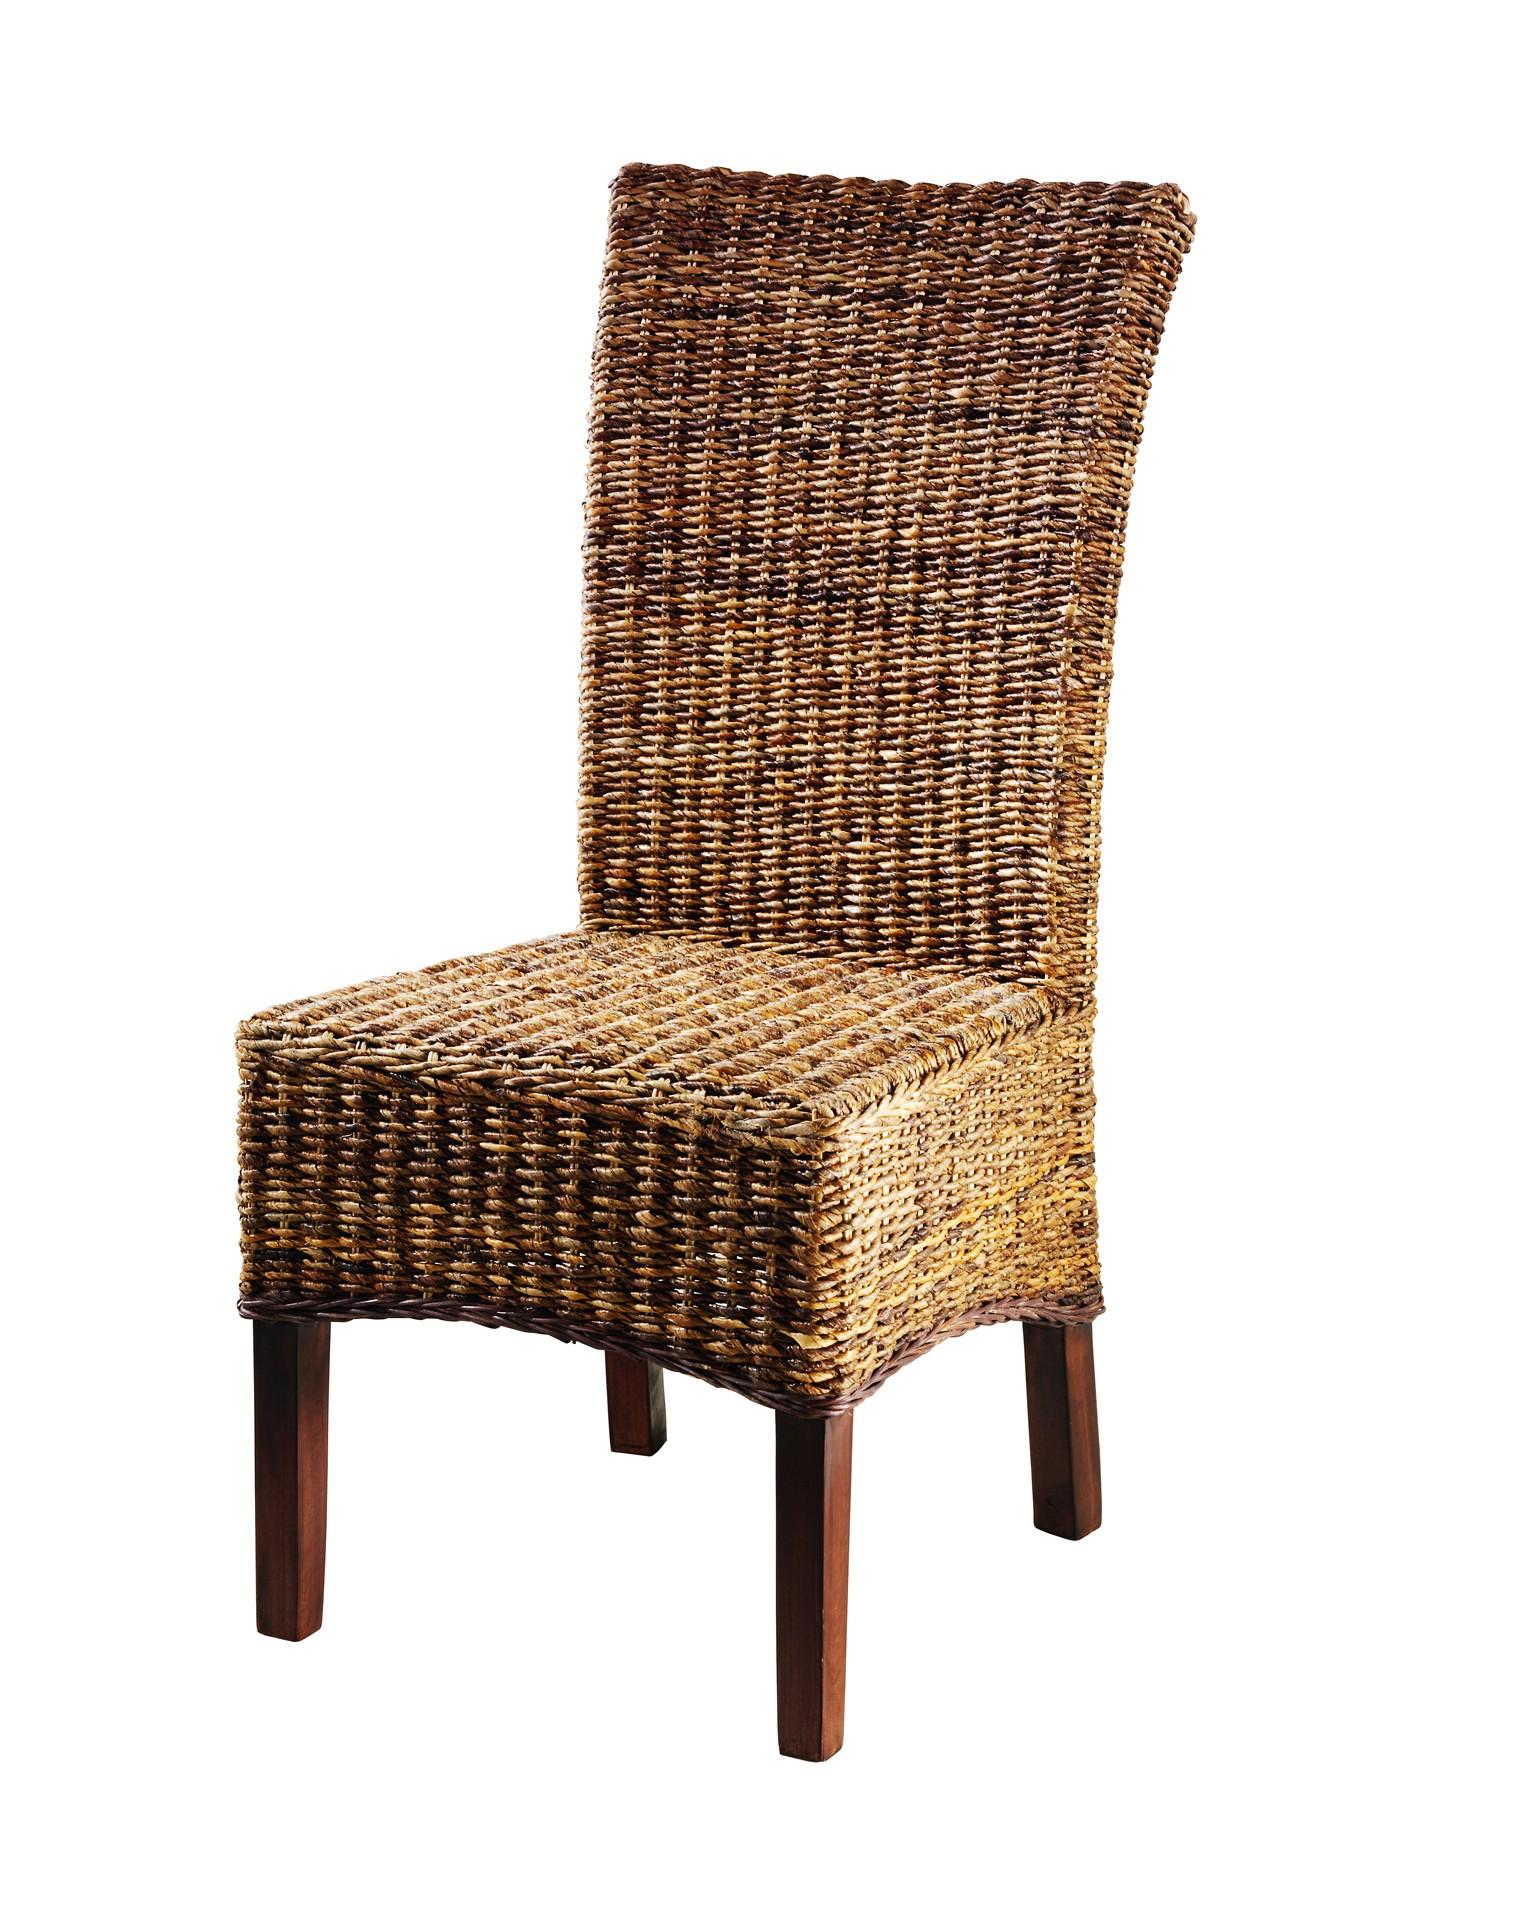 d nisches bettenlager m bel angebote schn ppchen cherry m bel. Black Bedroom Furniture Sets. Home Design Ideas